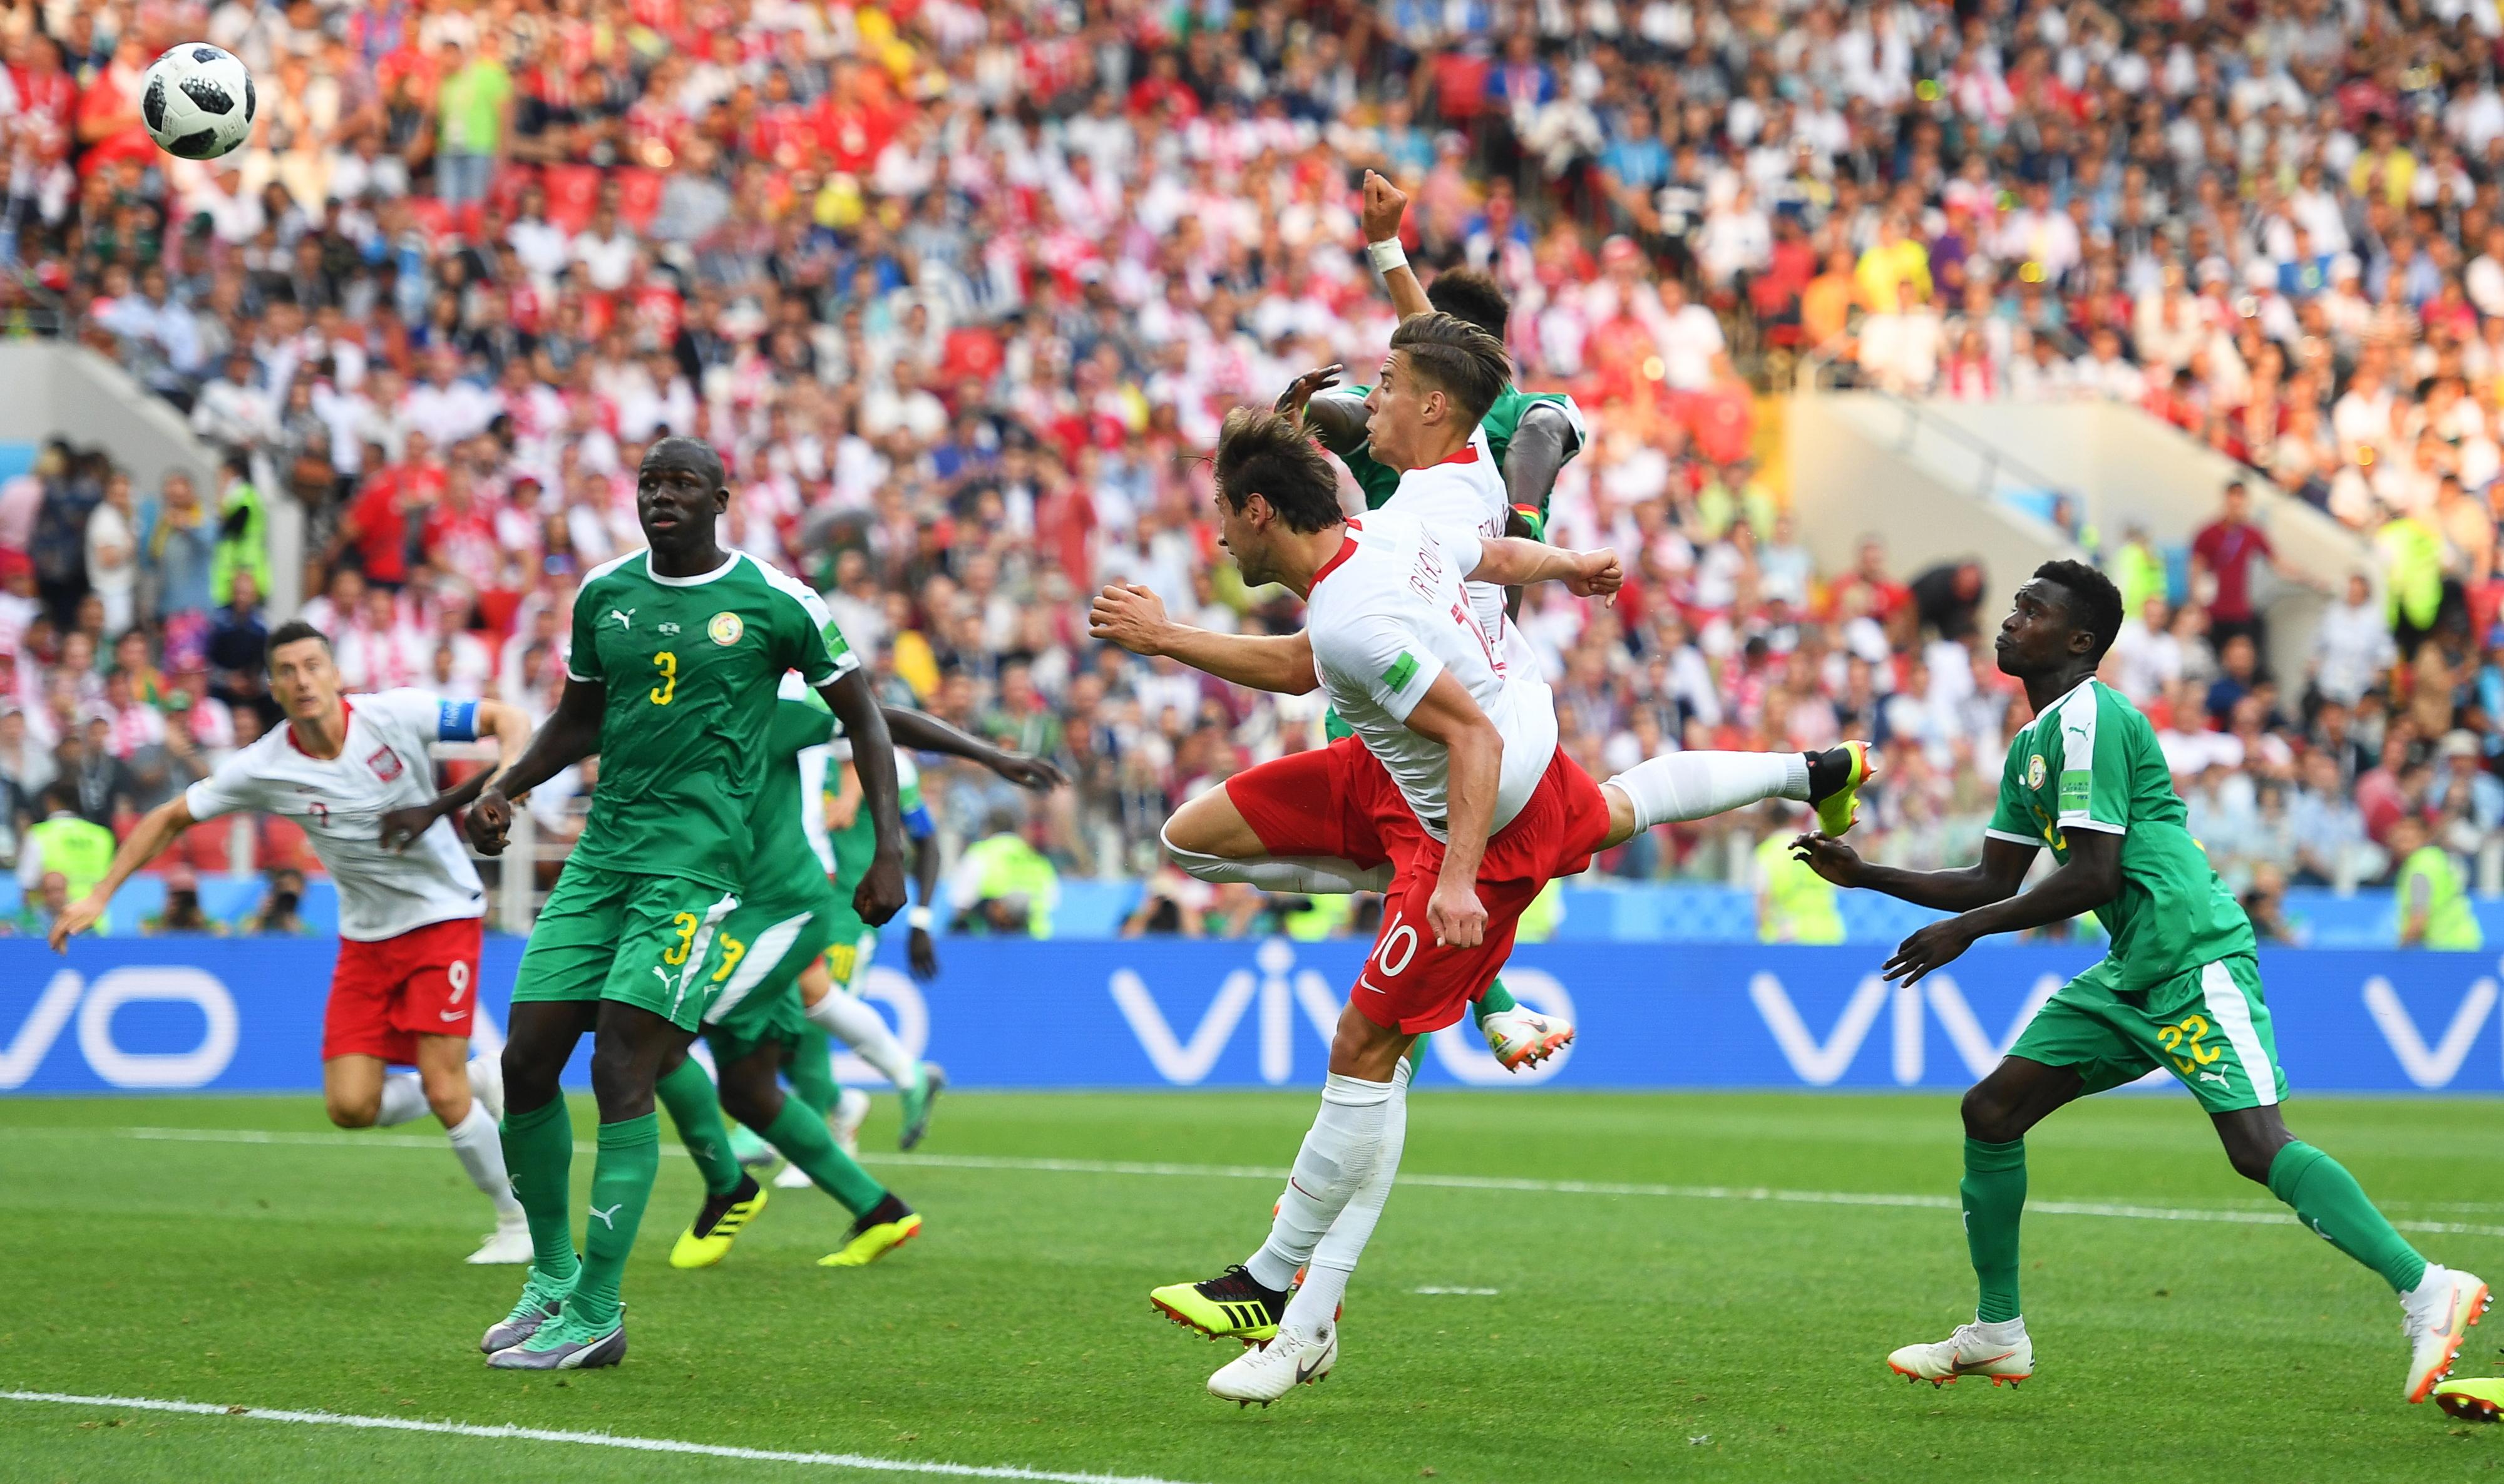 Mundial2018. Senegal vence Polónia no último jogo da primeira jornada